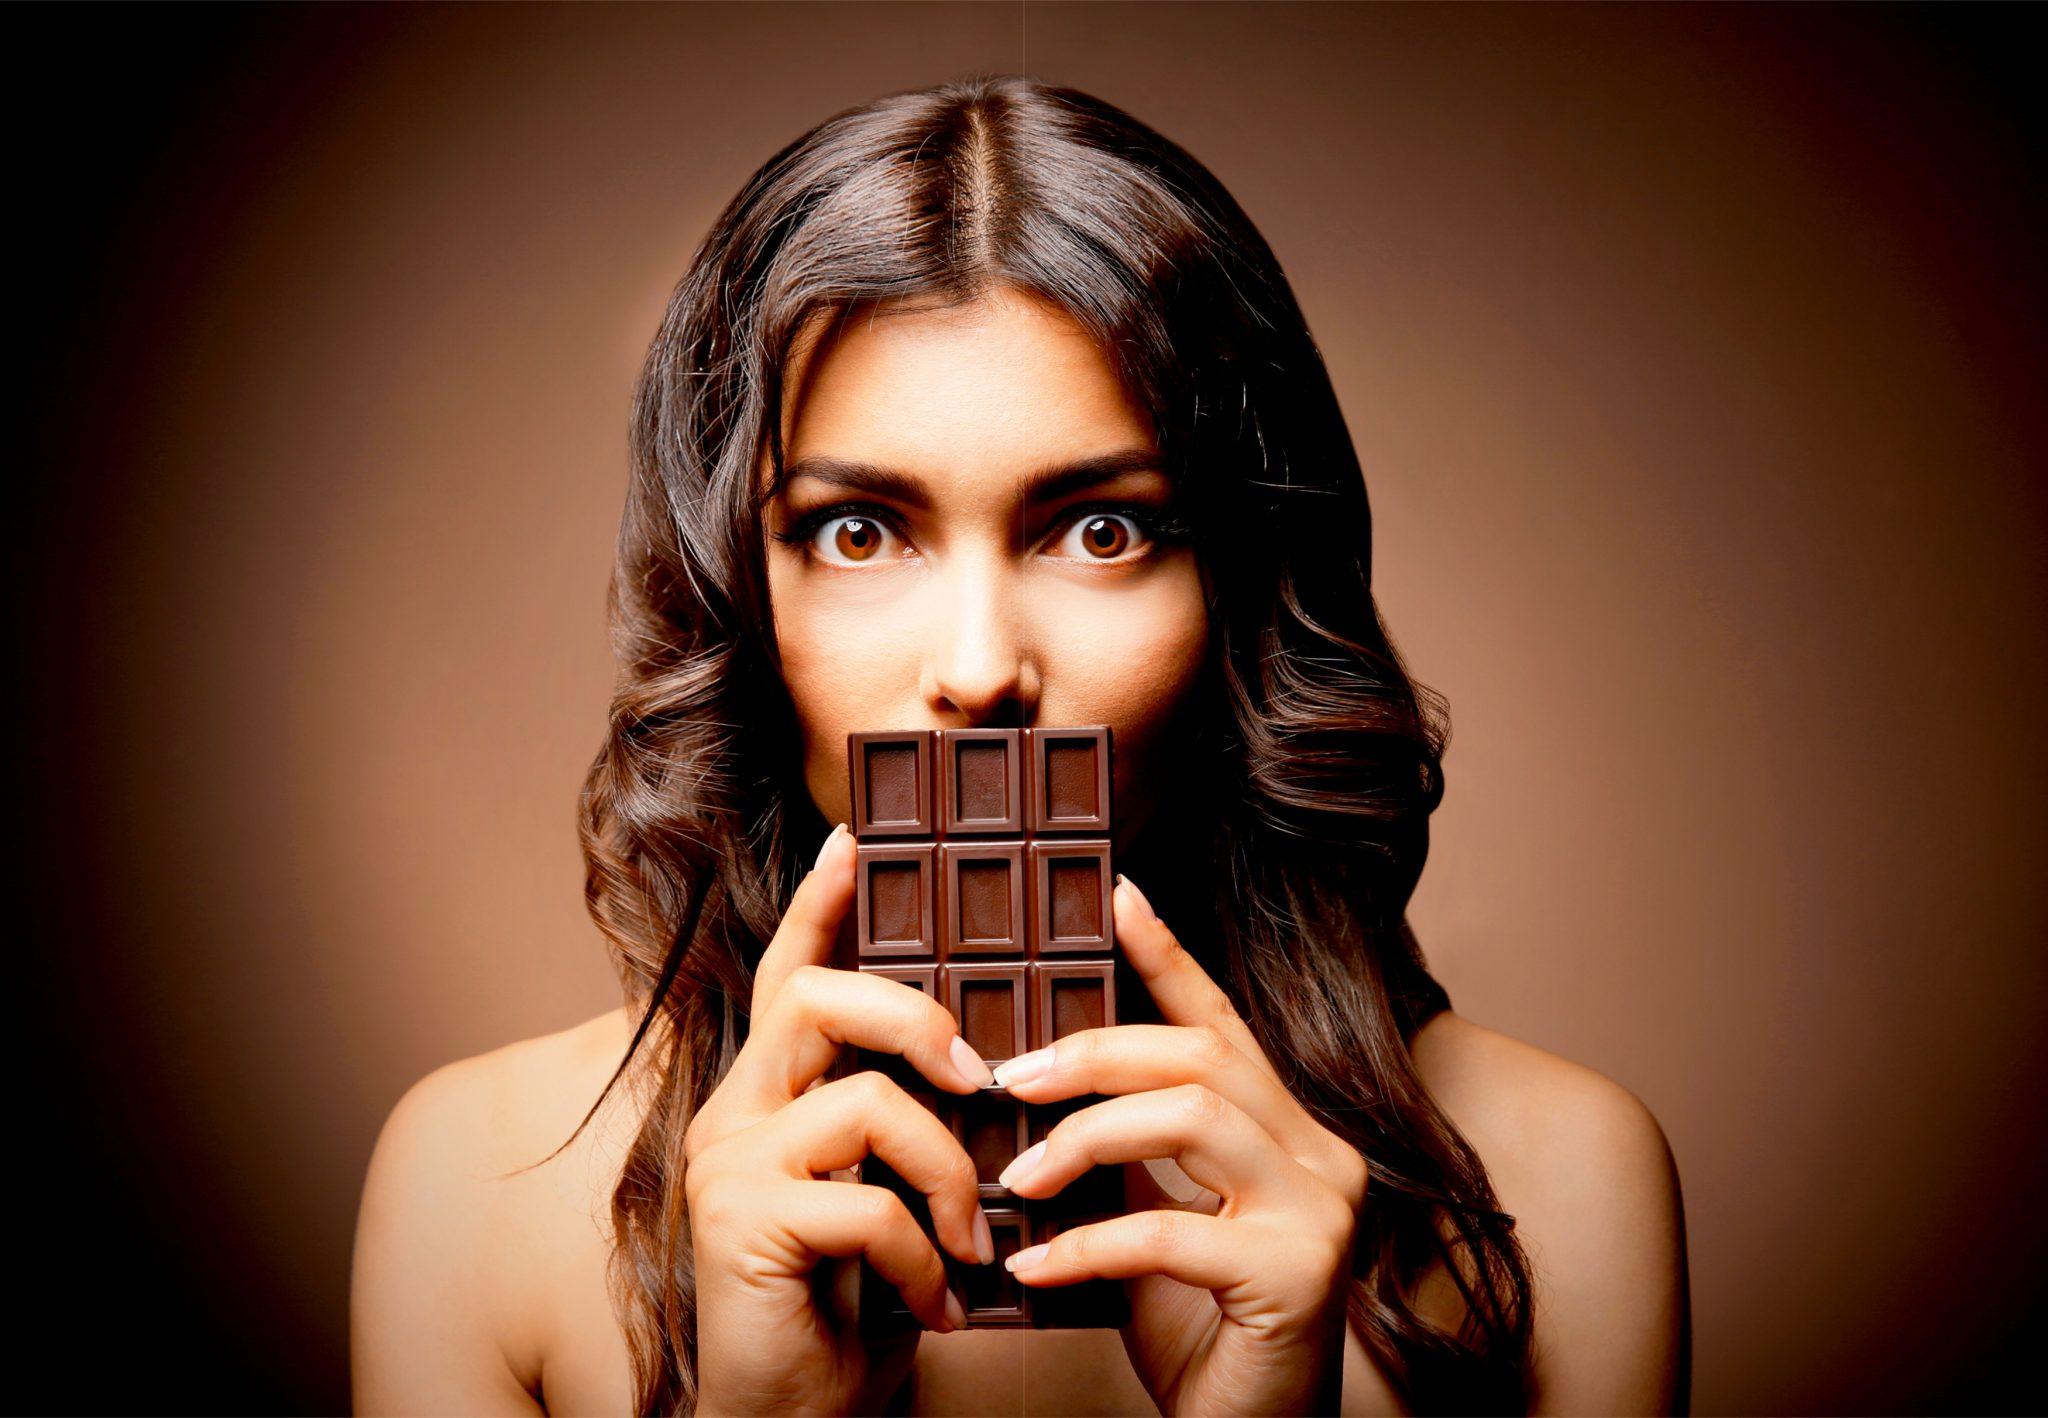 チョコレートを口元で持っている女性